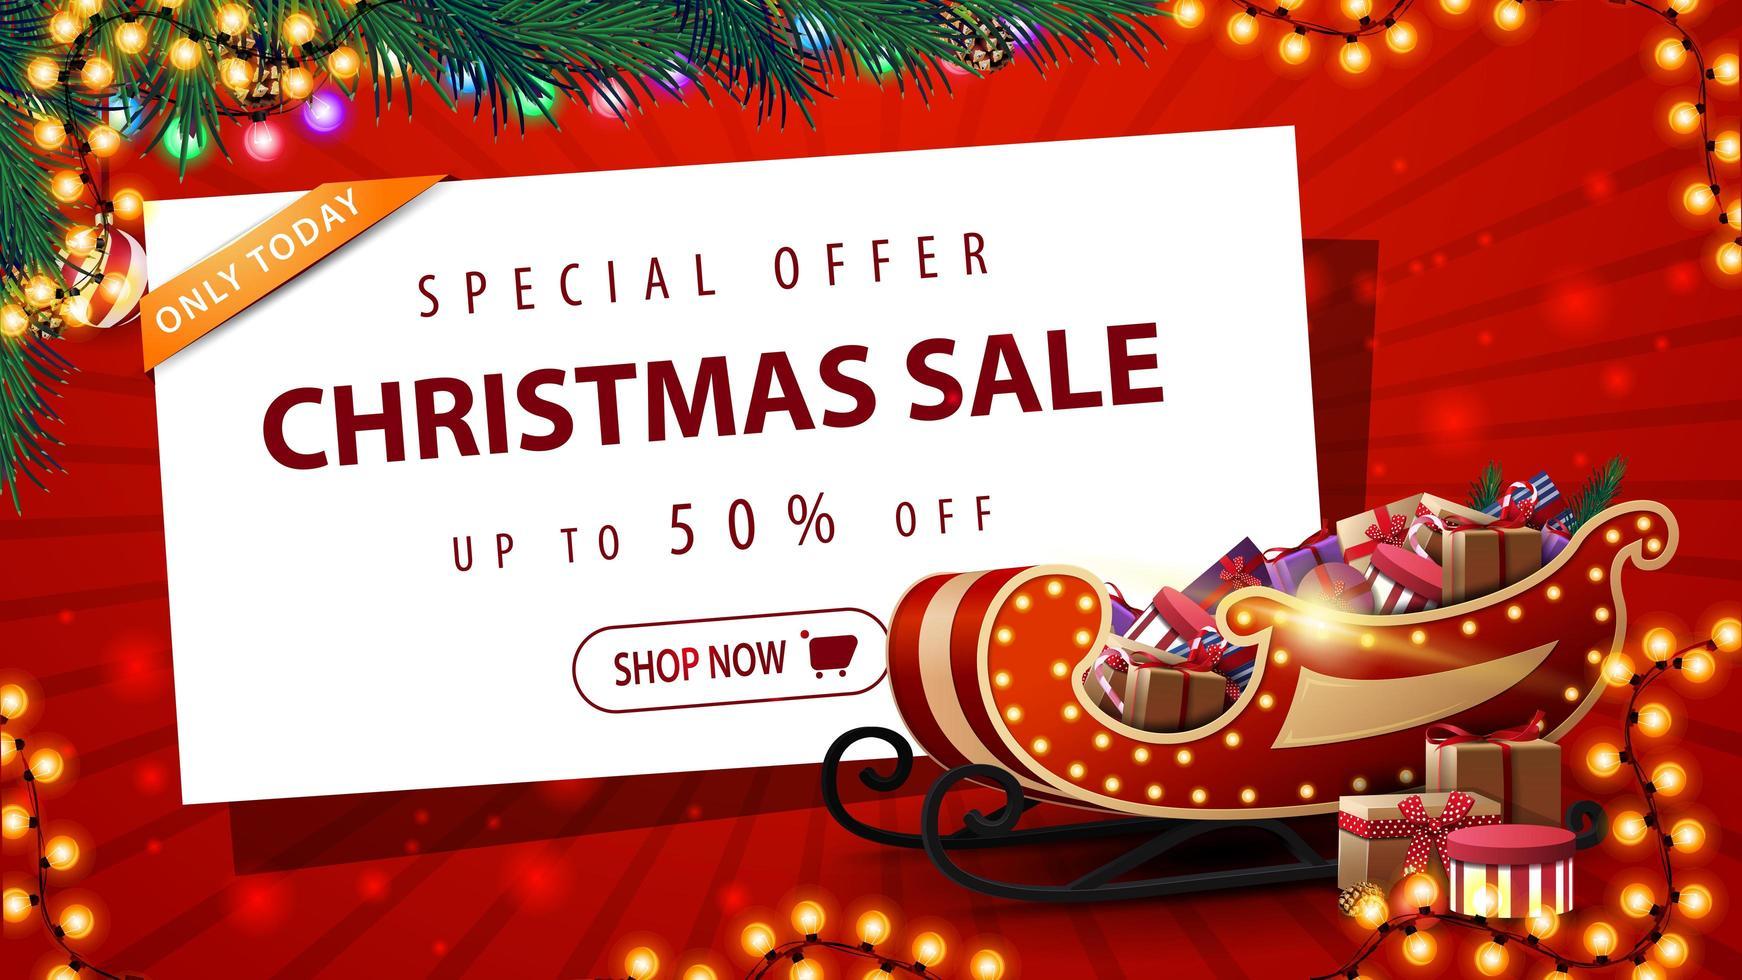 Sonderangebot, Weihnachtsverkauf, bis zu 50 Rabatt, schönes rotes Rabattbanner mit Girlande, Weihnachtsbaum, weißes Blatt Papier mit Angebot und Weihnachtsschlitten mit Geschenken vektor